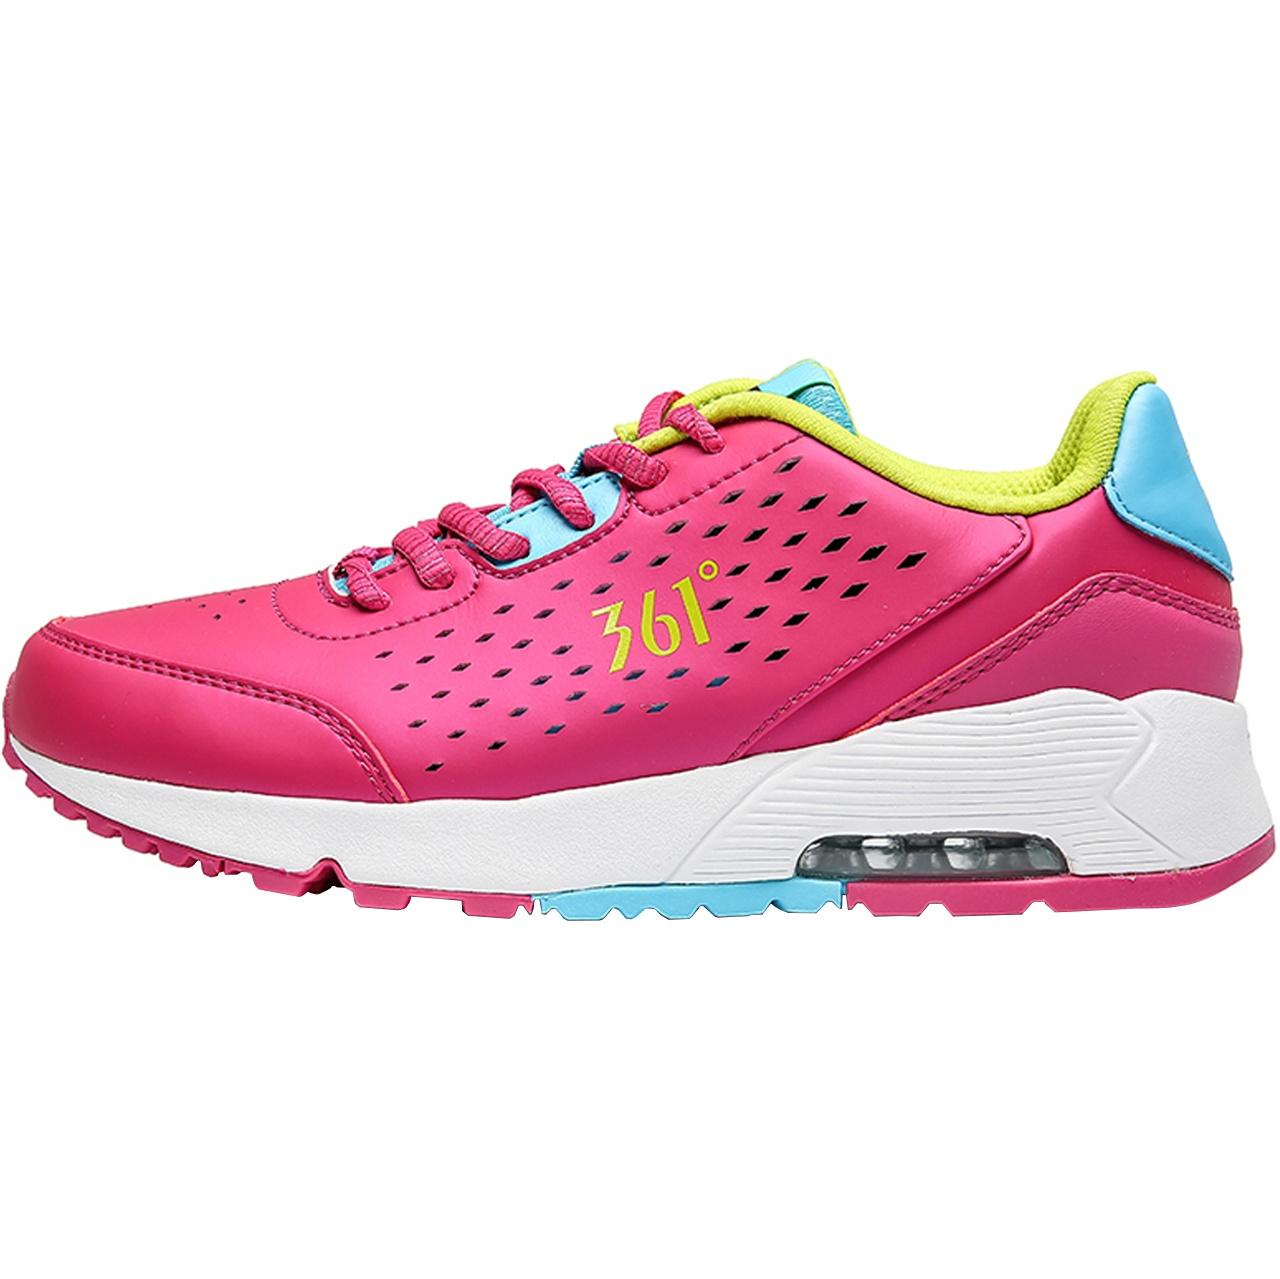 کفش مخصوص دویدن زنانه 361 درجه کد 681632231